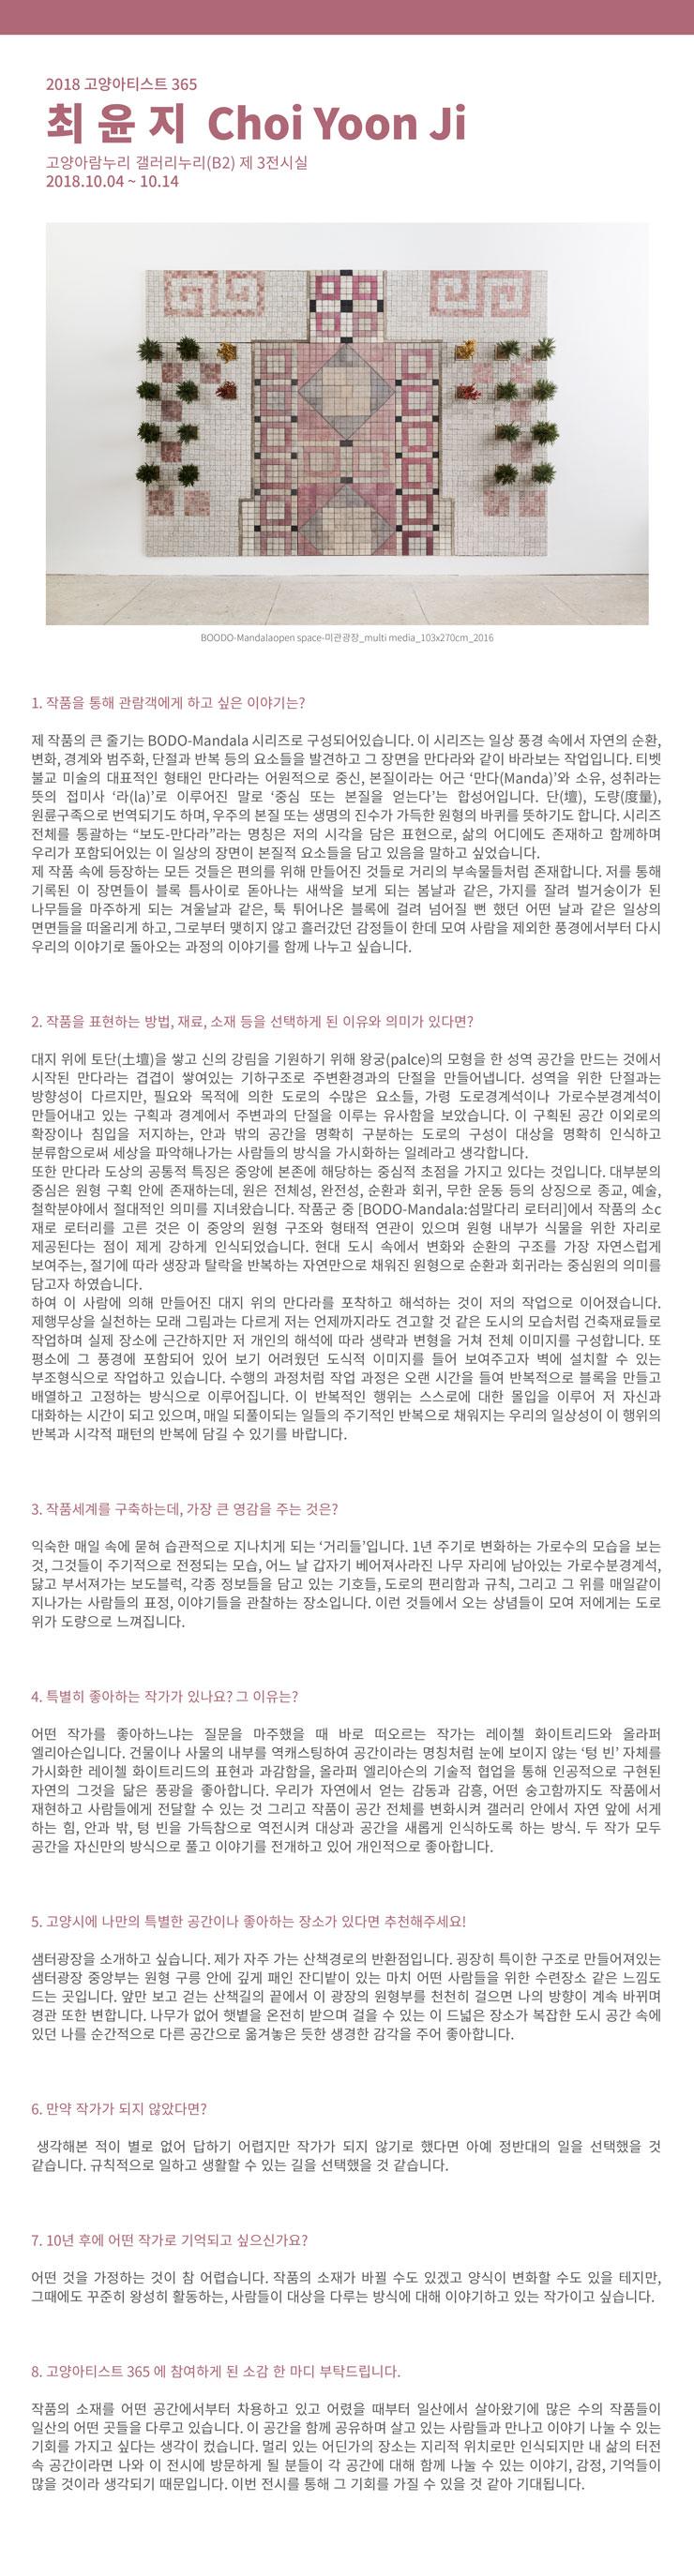 [2018 고양아티스트 365 展] - 최윤지작가QNA